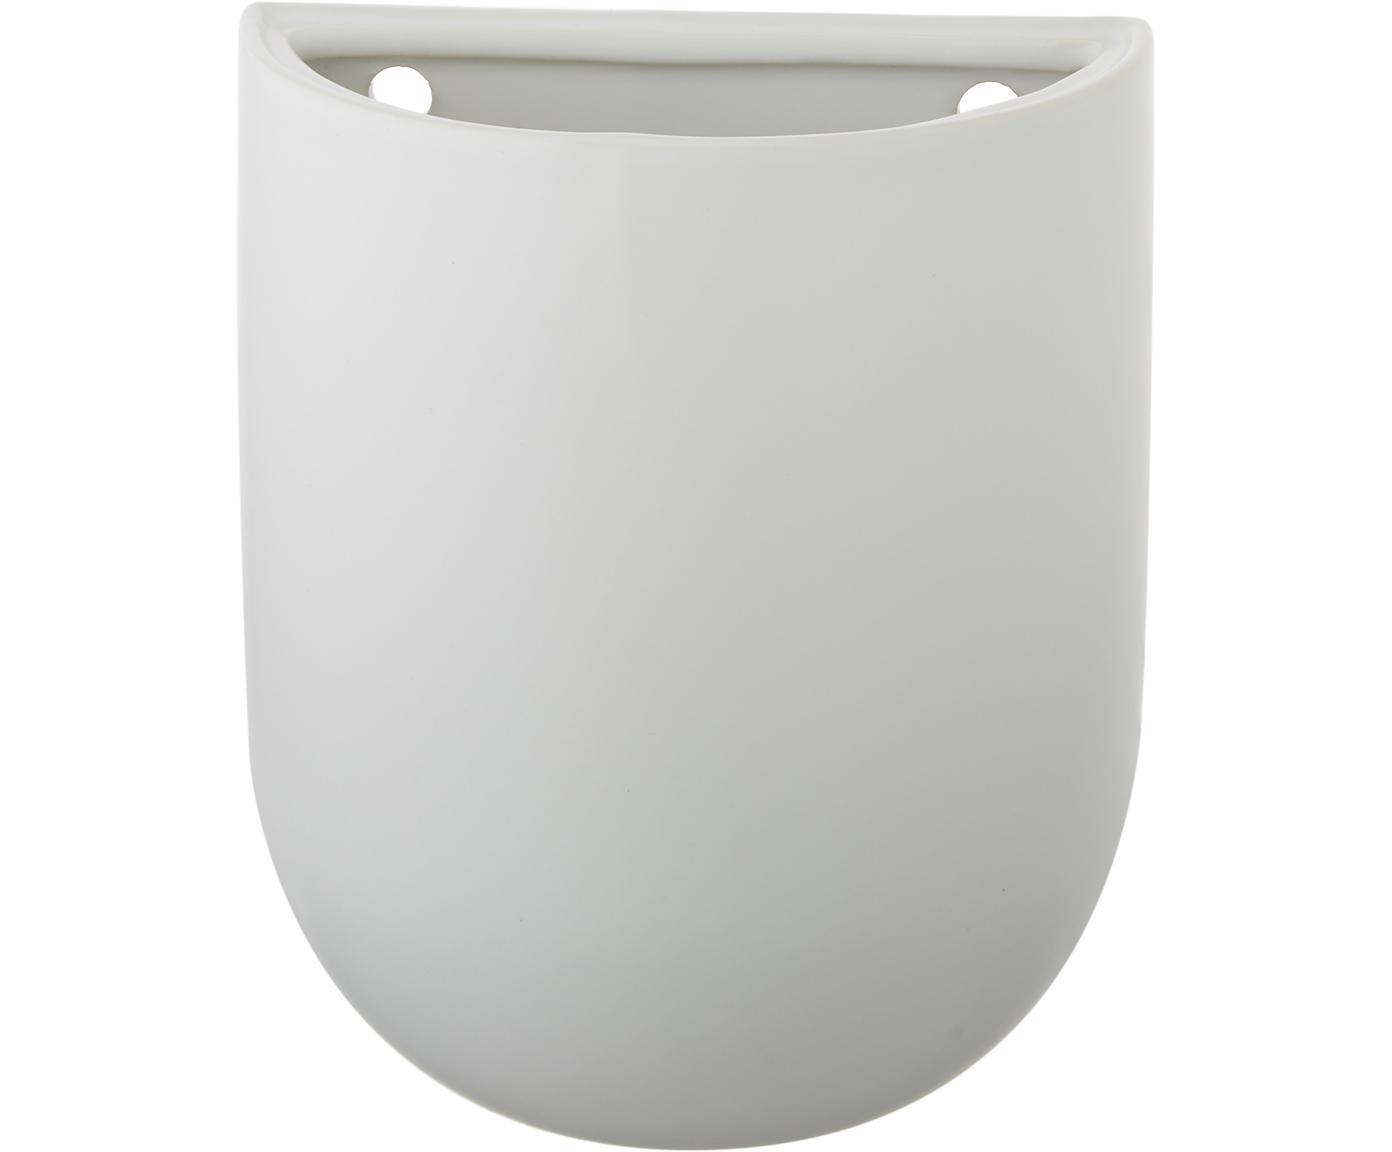 Ścienna osłonka na doniczkę Oval, Ceramika, Biały, S 15 x W 19 cm